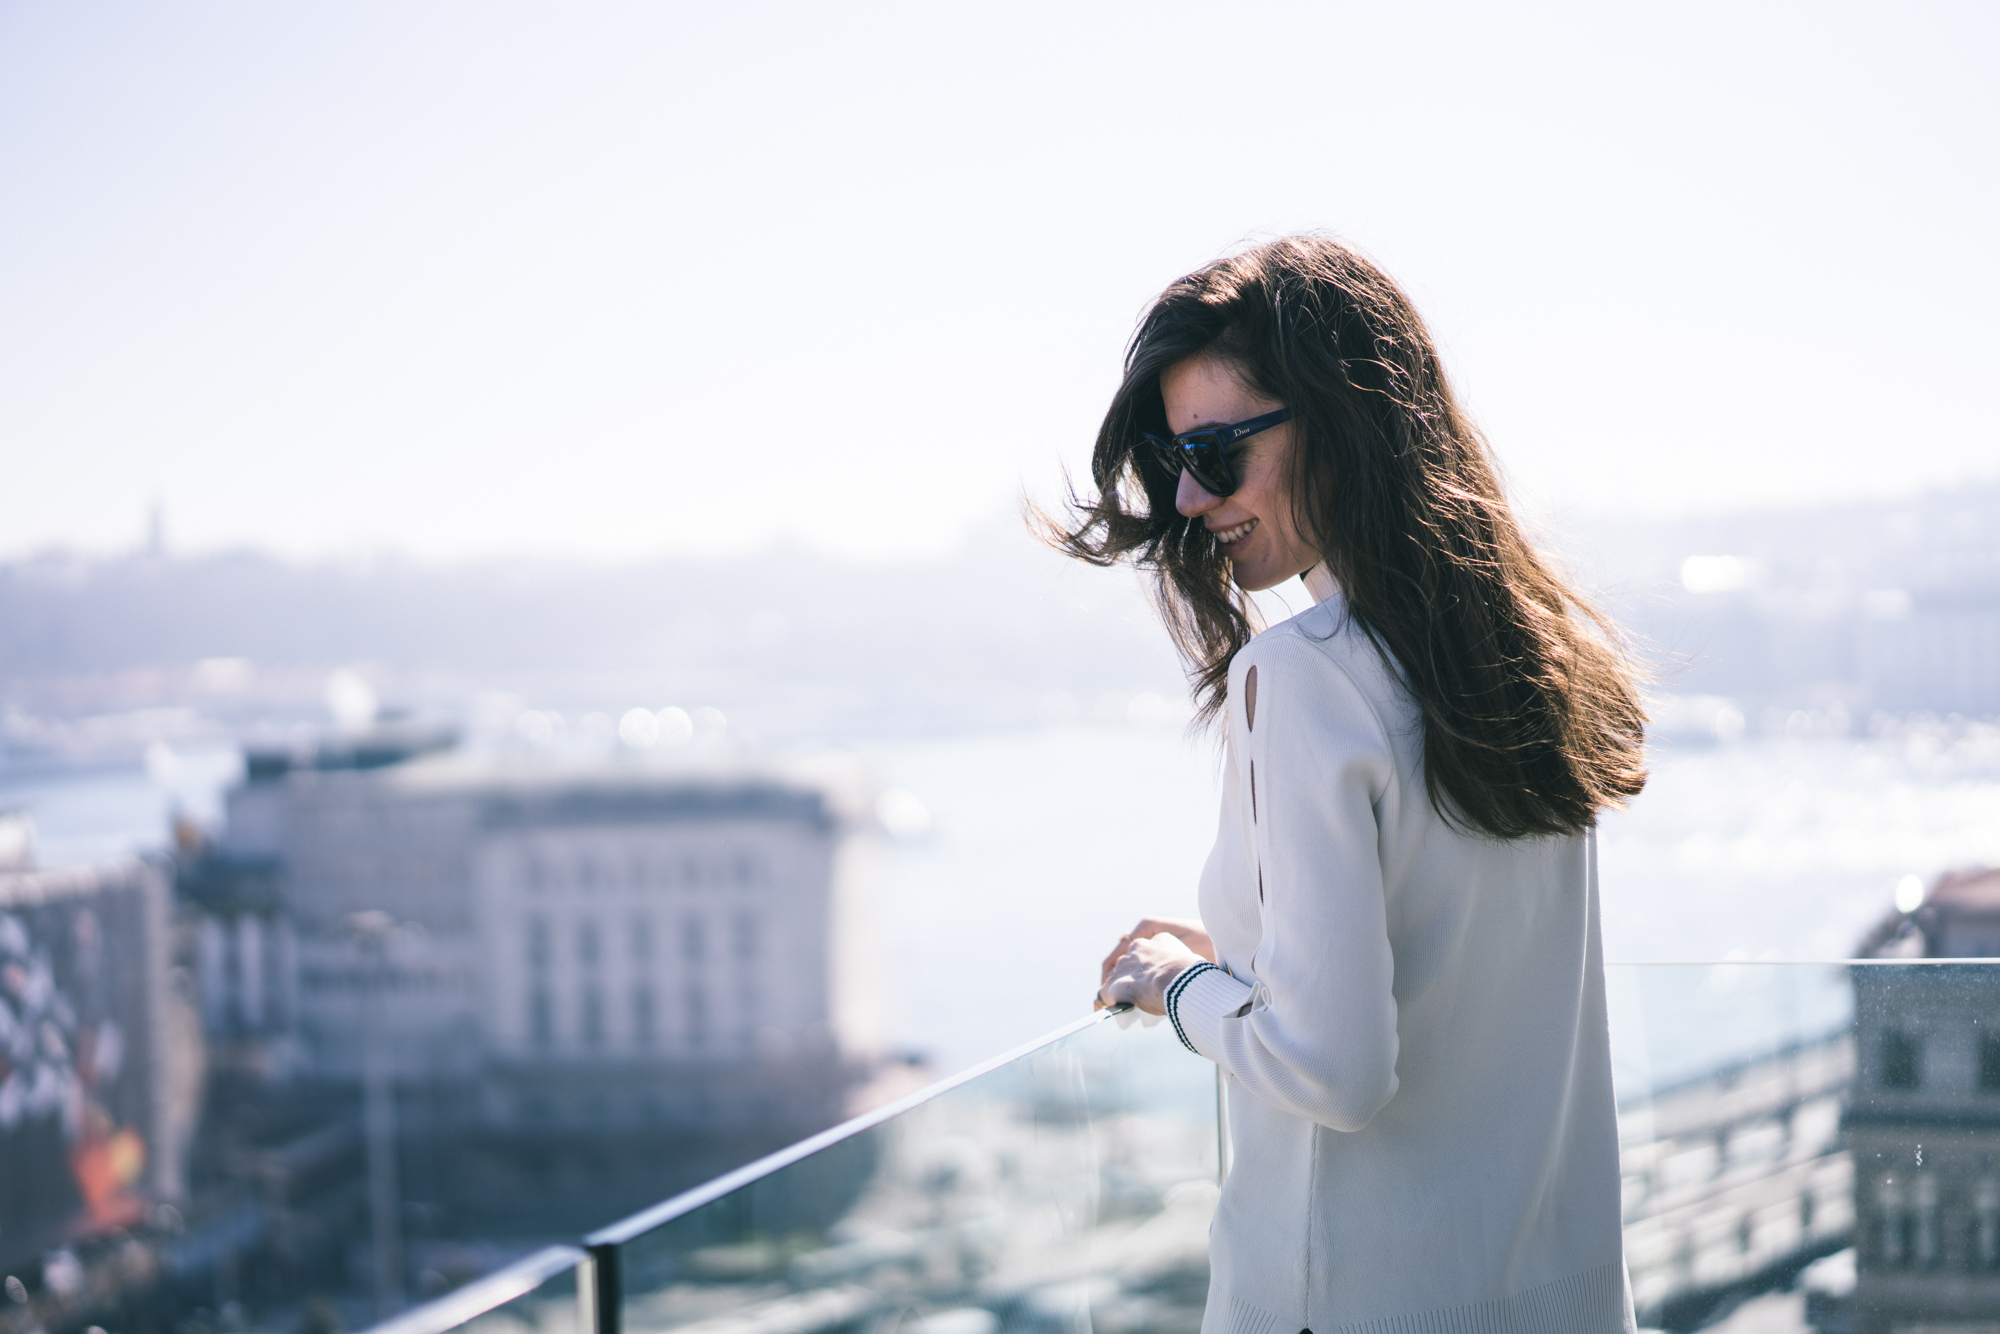 billur saatci, turkish style blogger, offnegiysem, uterque, cashmere in love, lug von siga, vault karakoy, the house hotel, dior, nike